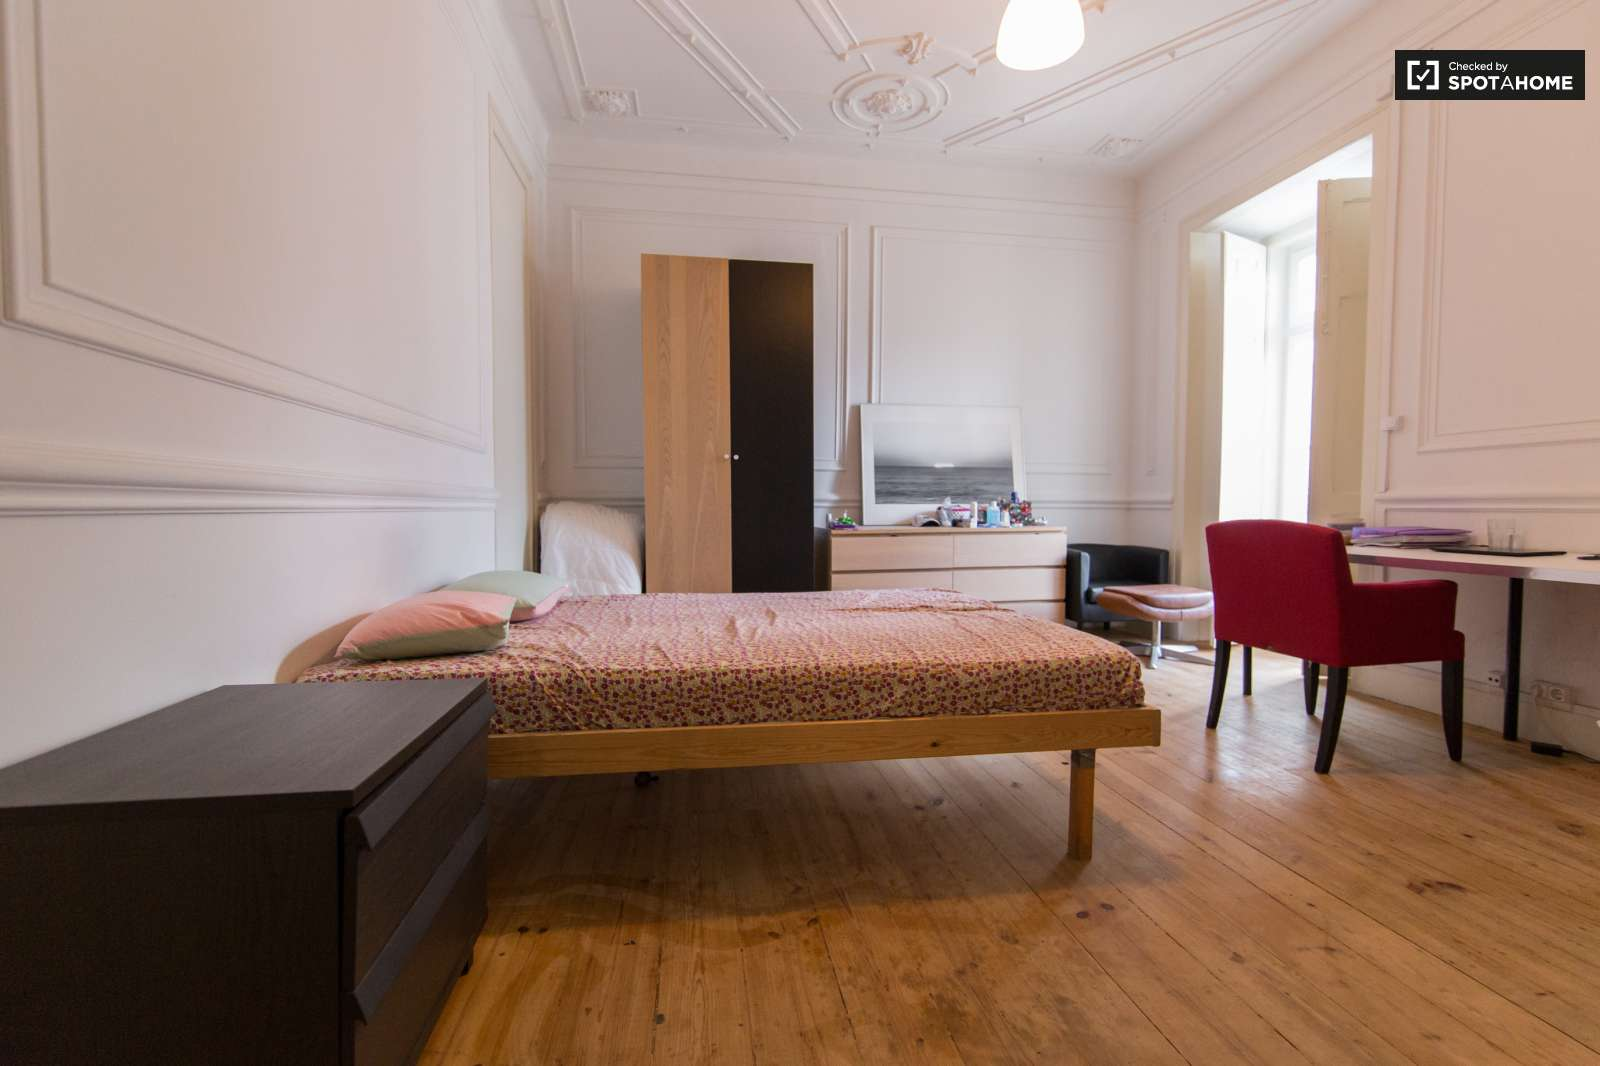 Cama individual en habitación de 4 personas